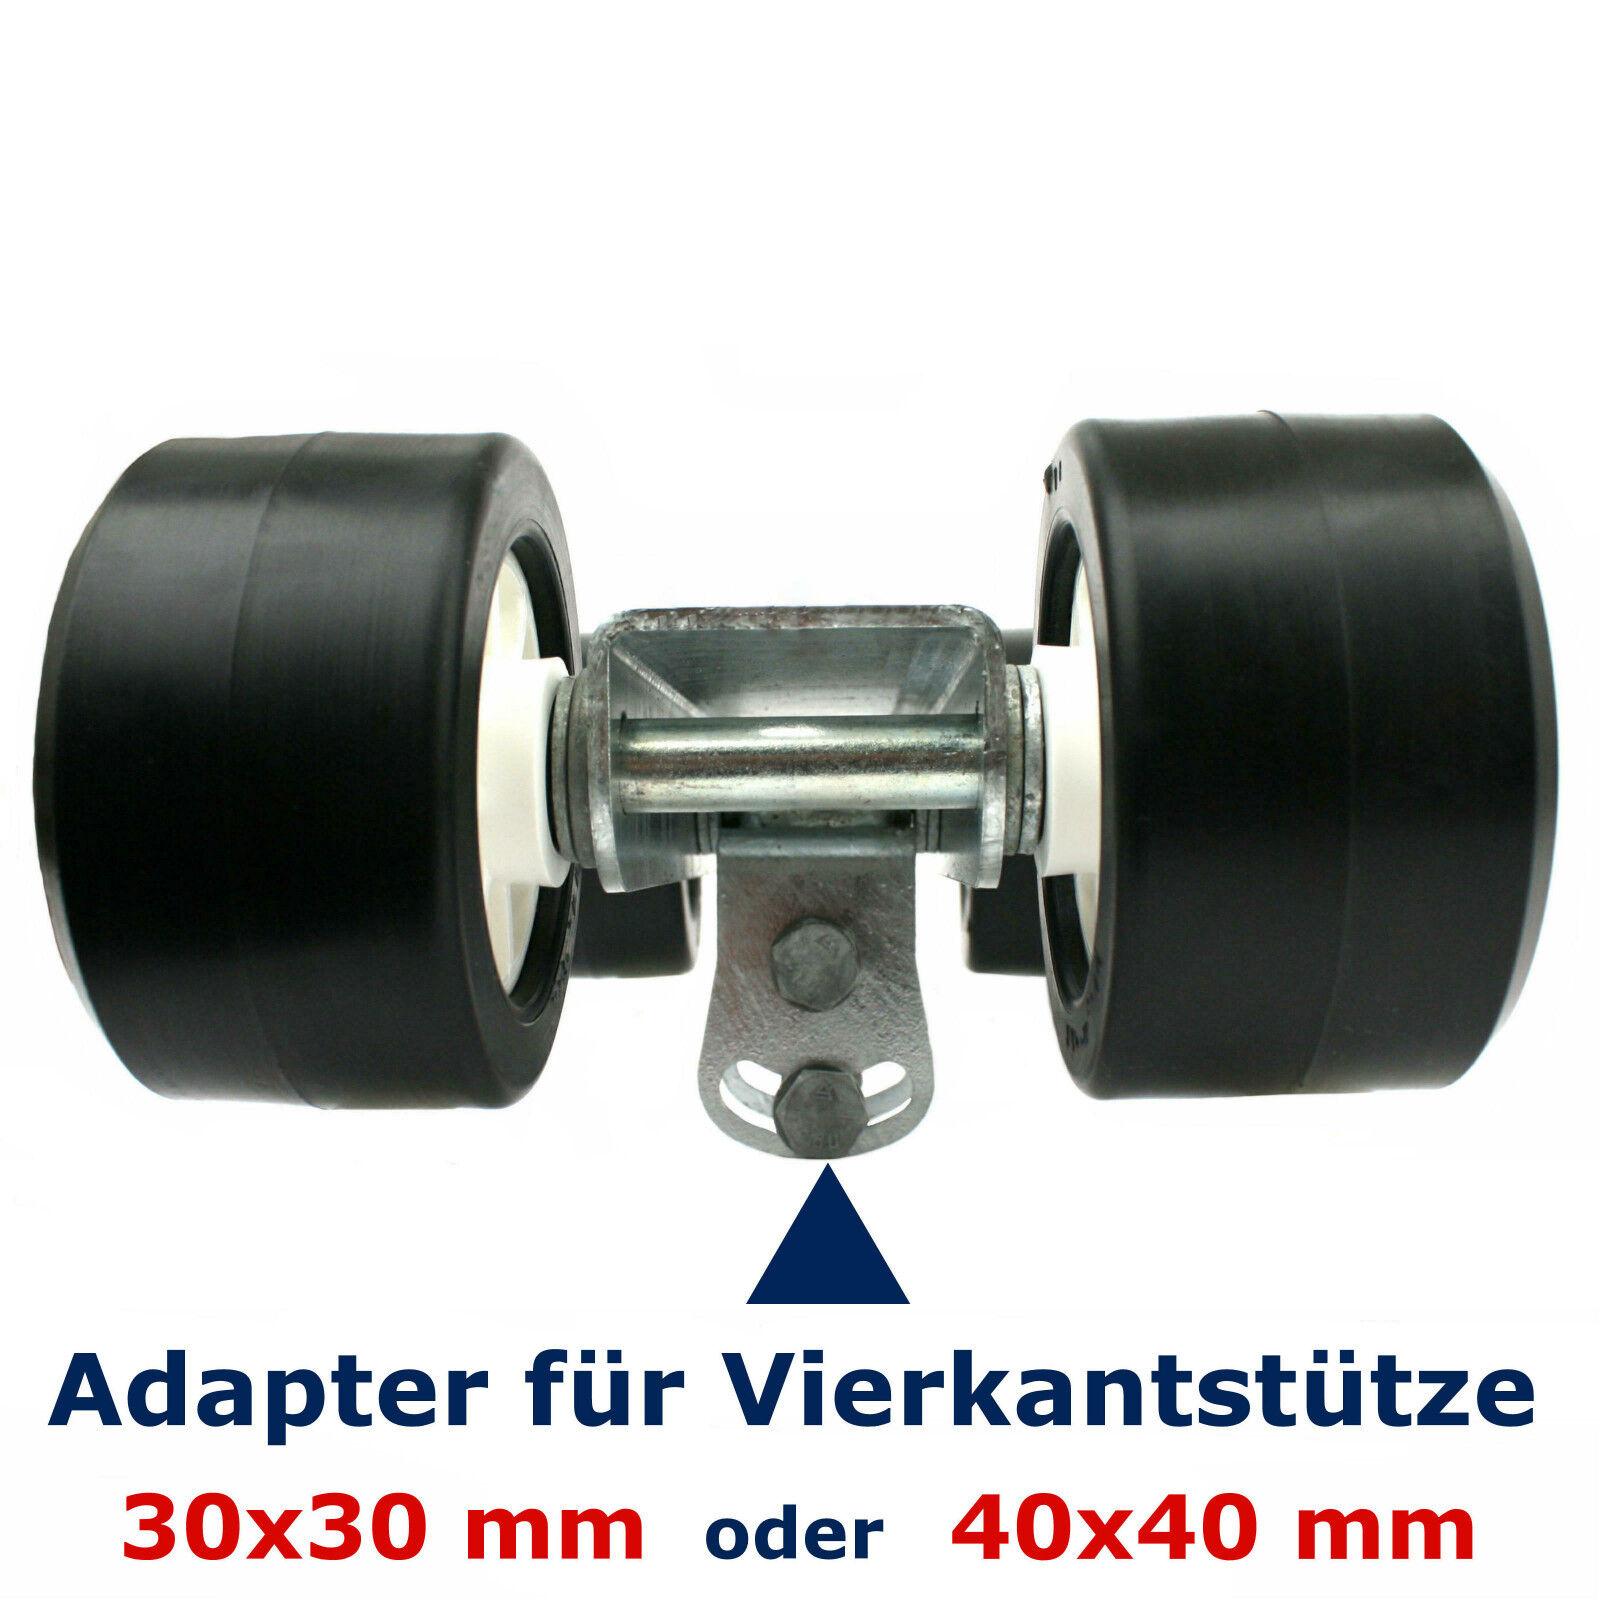 ⚓ 4er-Slipwagen inkl. Adapter 30/40 mm (Rollen Sliphilfe Ø100xB60) | Sliphilfe (Rollen Sliprolle 6f0415